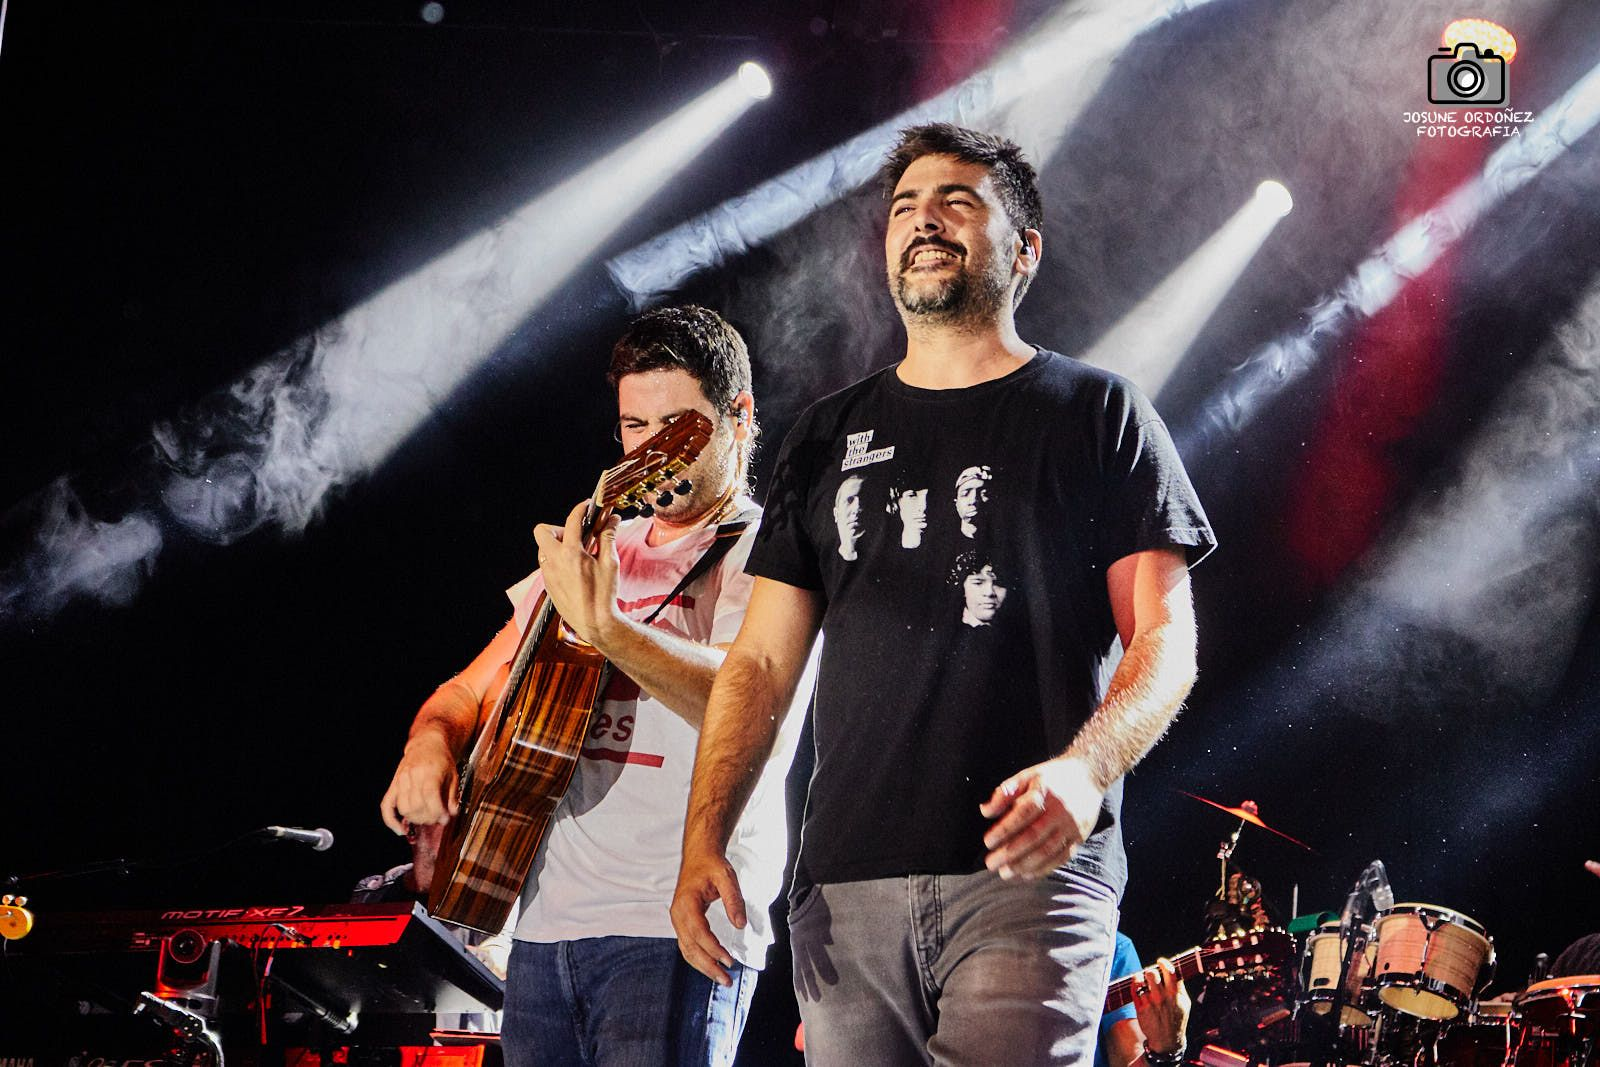 ESTOPA EN LOS VODAFONE YU MUSIC SHOWS CON MUCHOS INVITADOS VIP